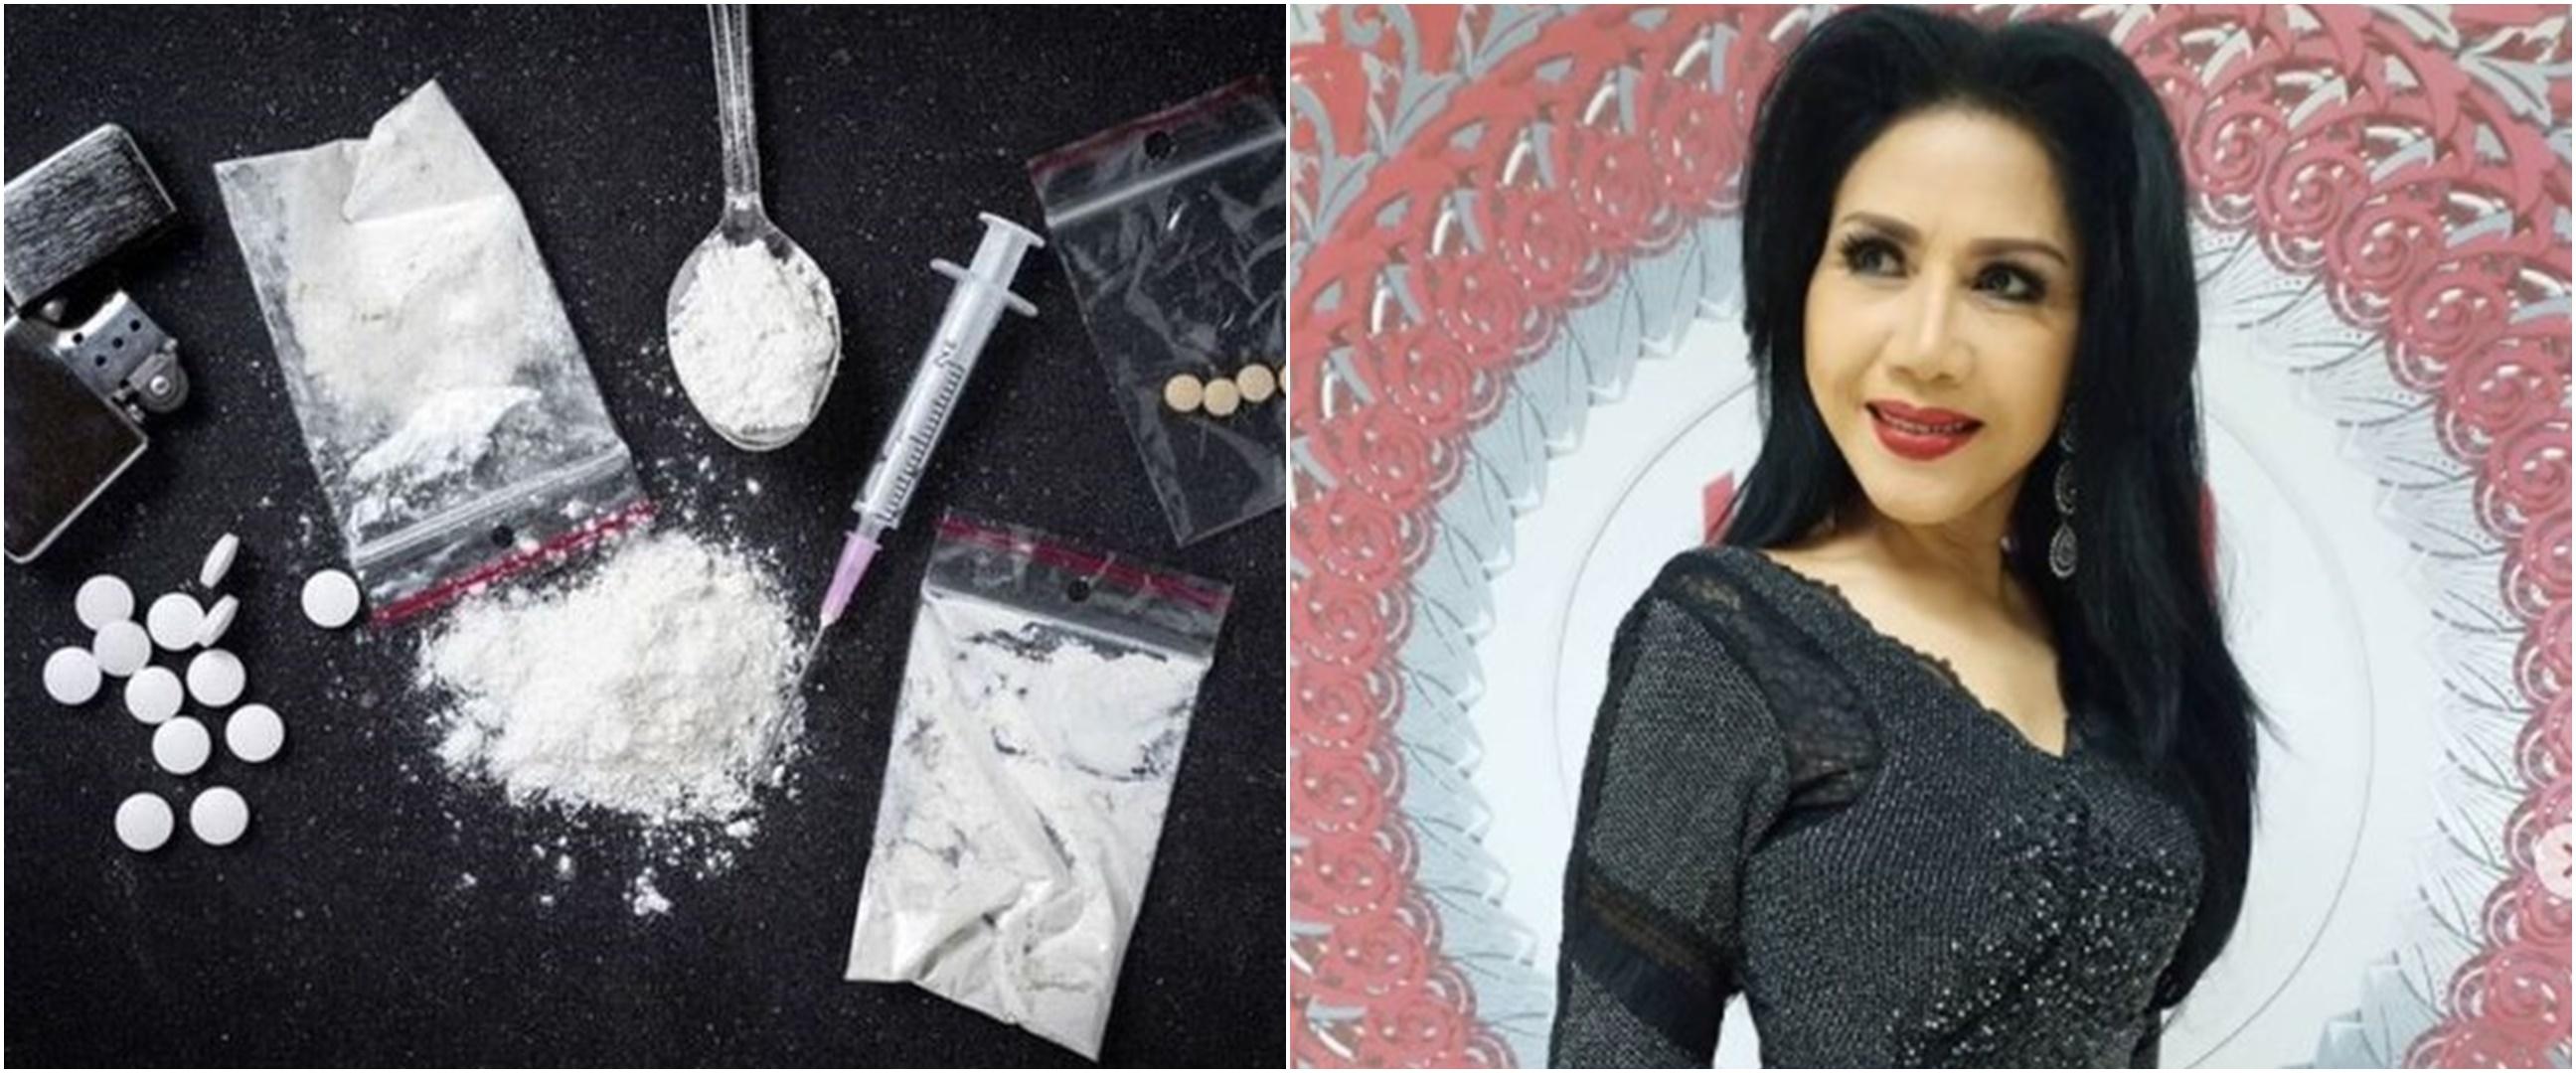 5 Fakta penangkapan anak Rita Sugiarto terkait kasus narkoba